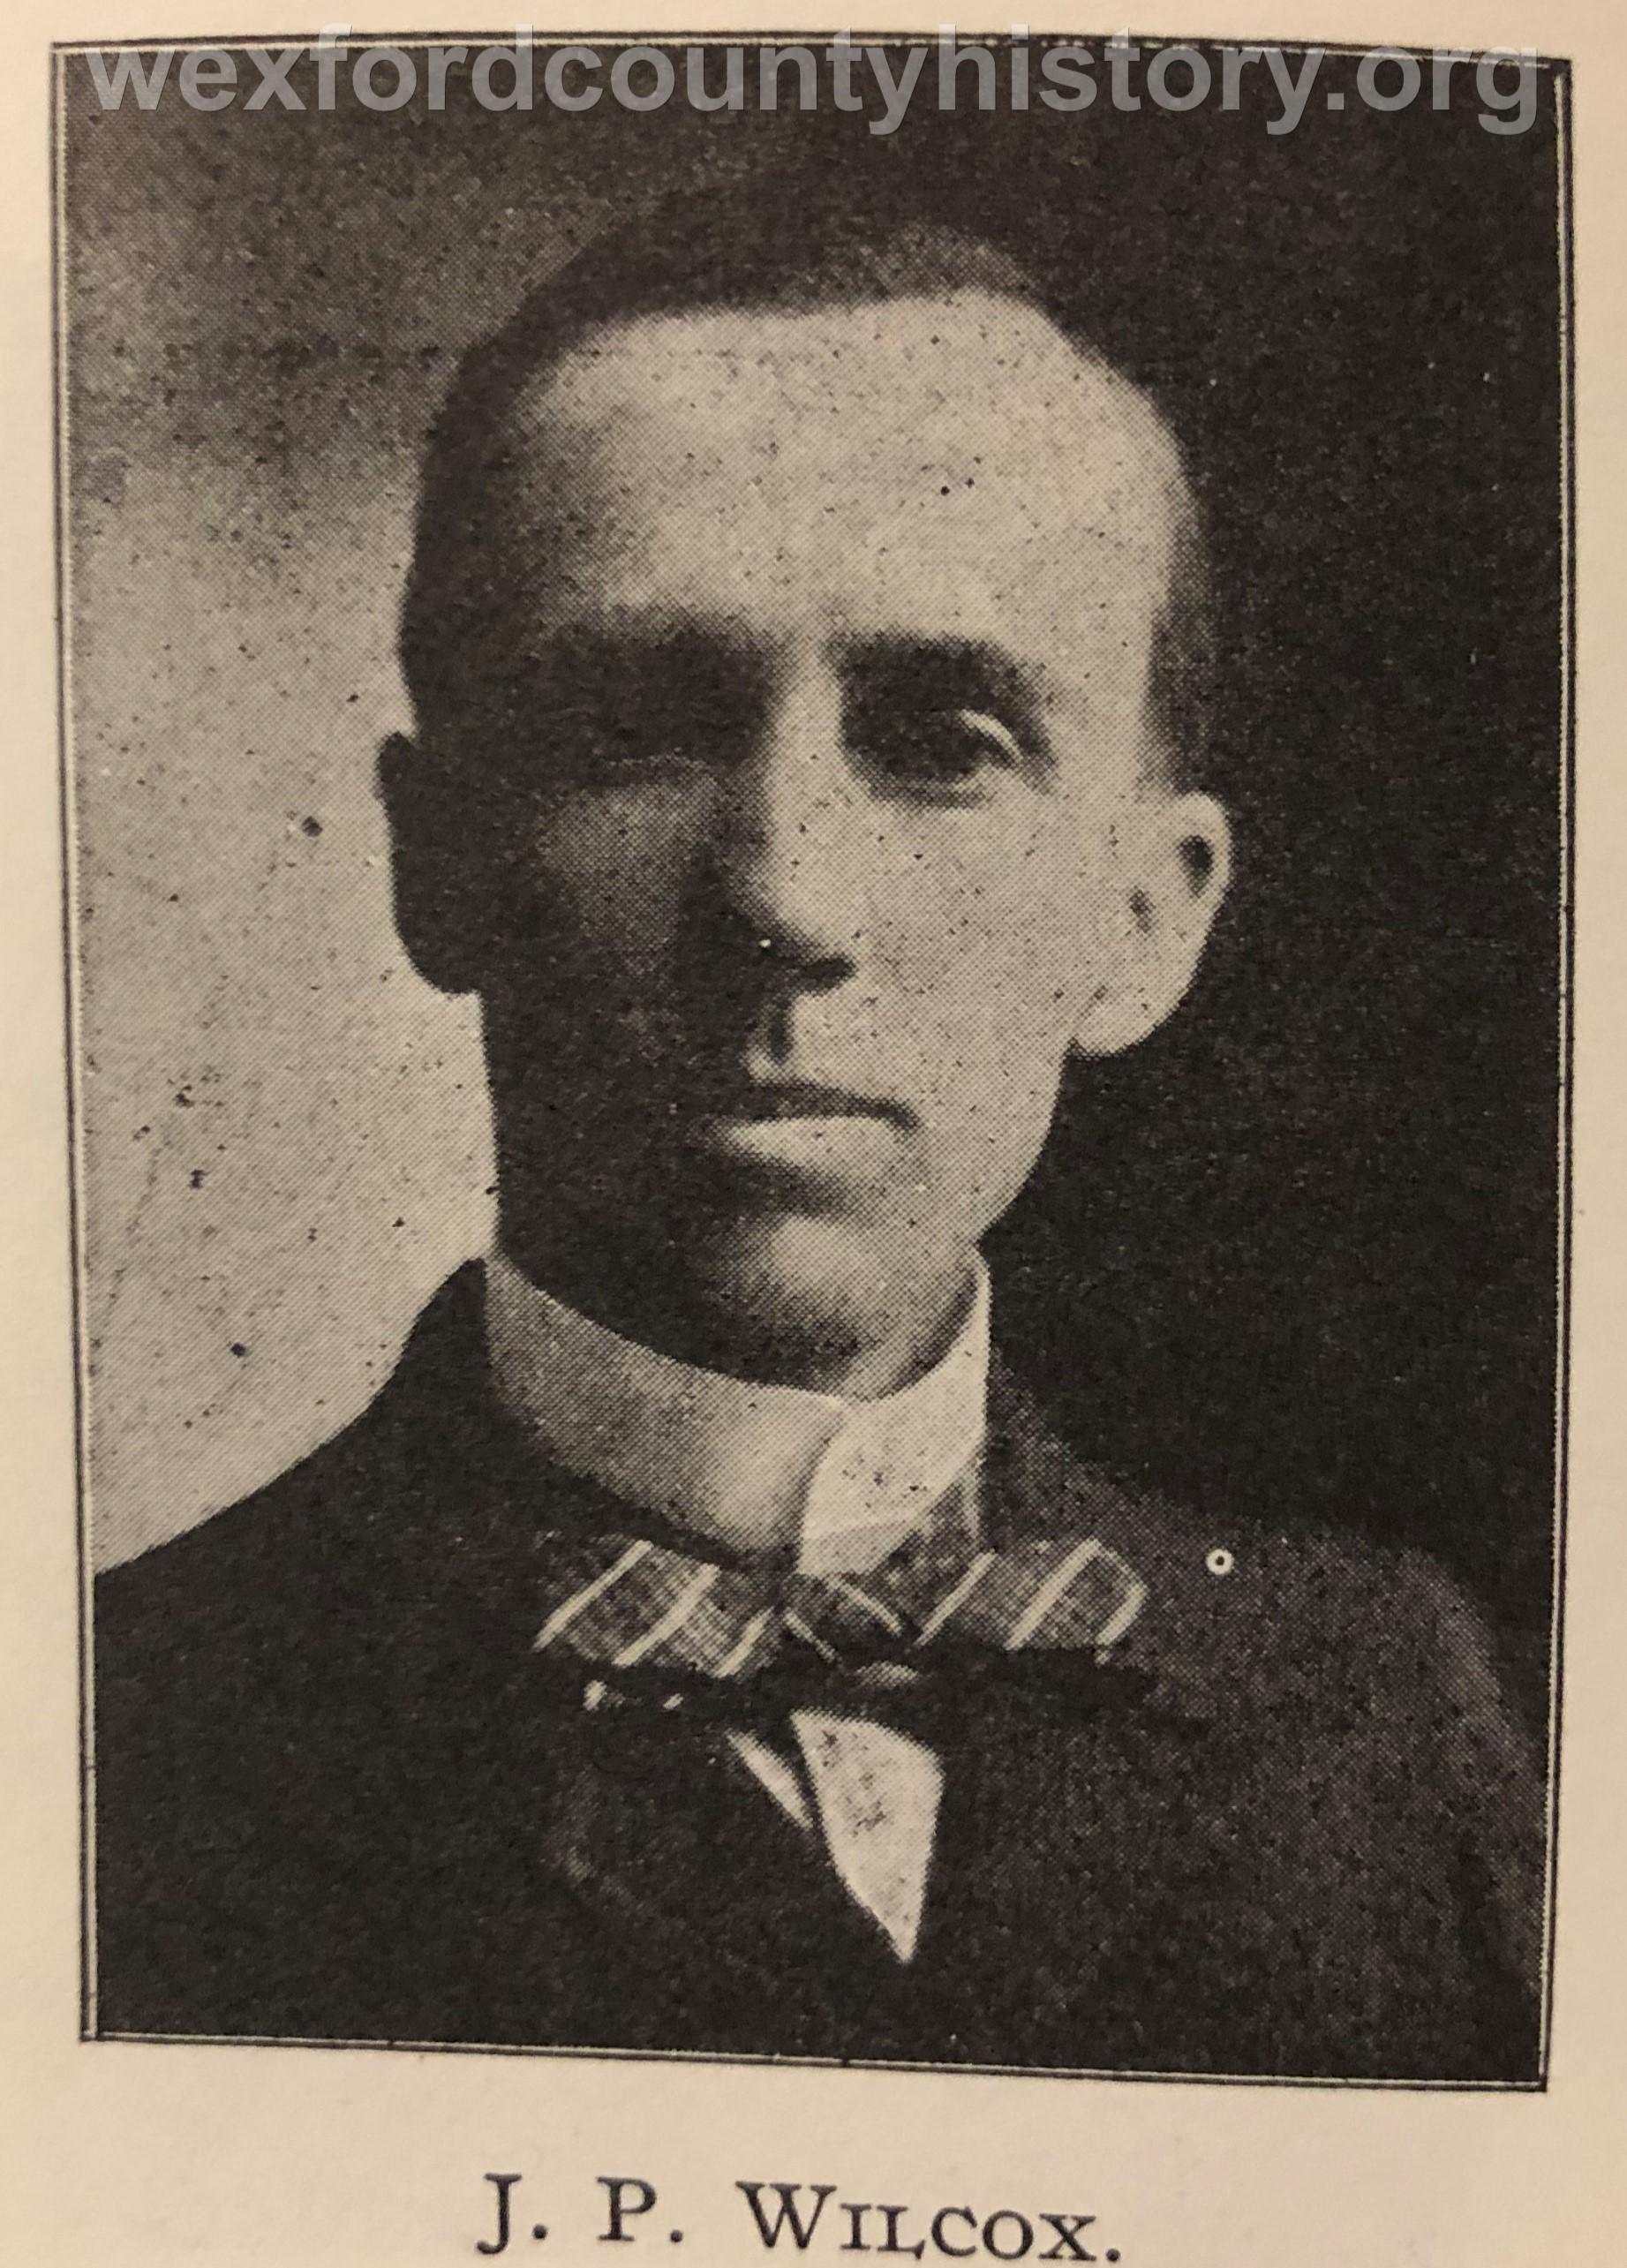 John P. Wilcox